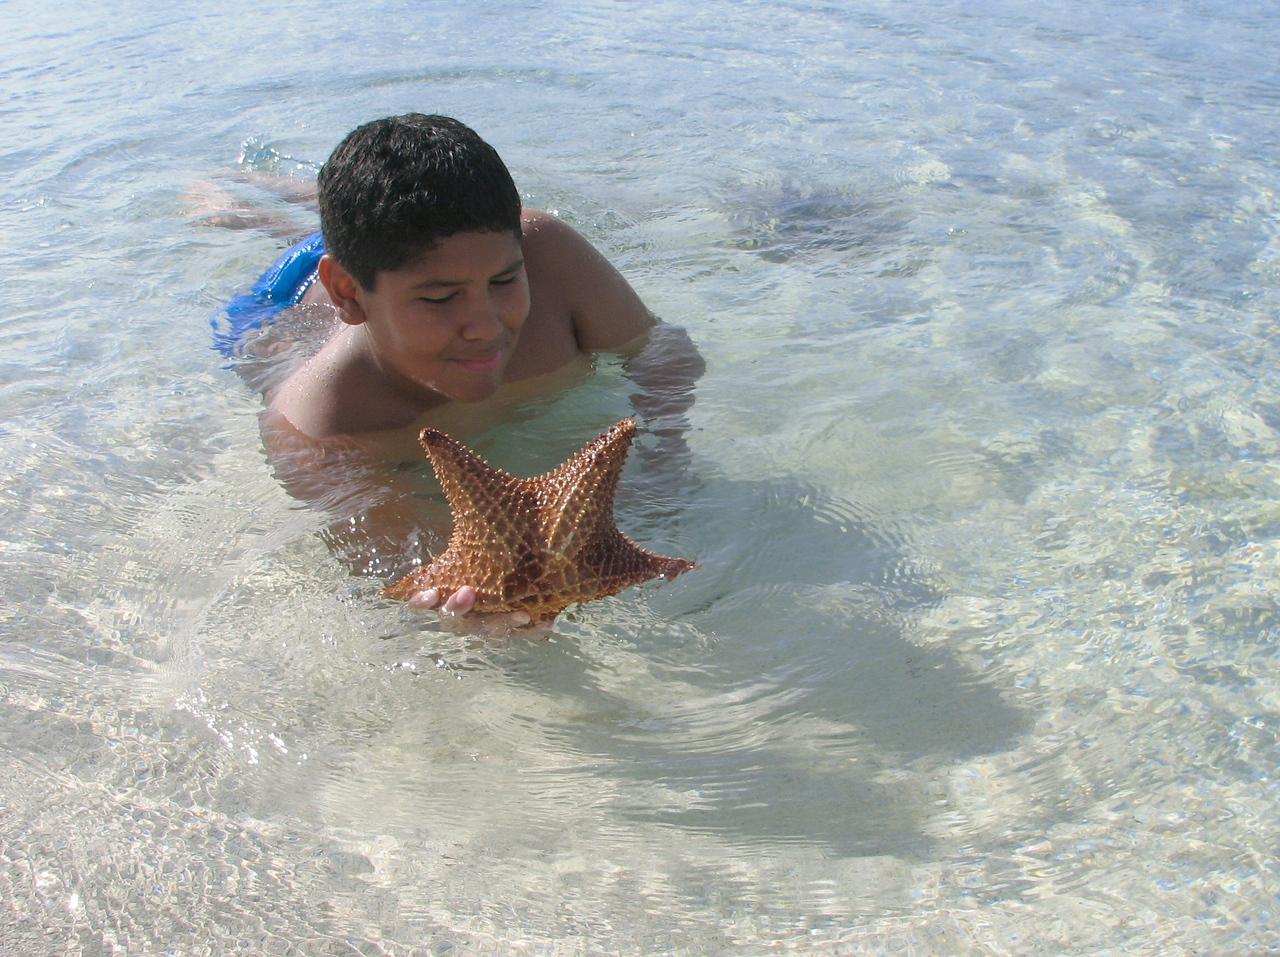 And later that afternoon we go swimming and Caesar finds a starfish...<br /> <br /> Y luego esa tarde, Cesitar encuentra una estrella de mar mientras nada en la playa...